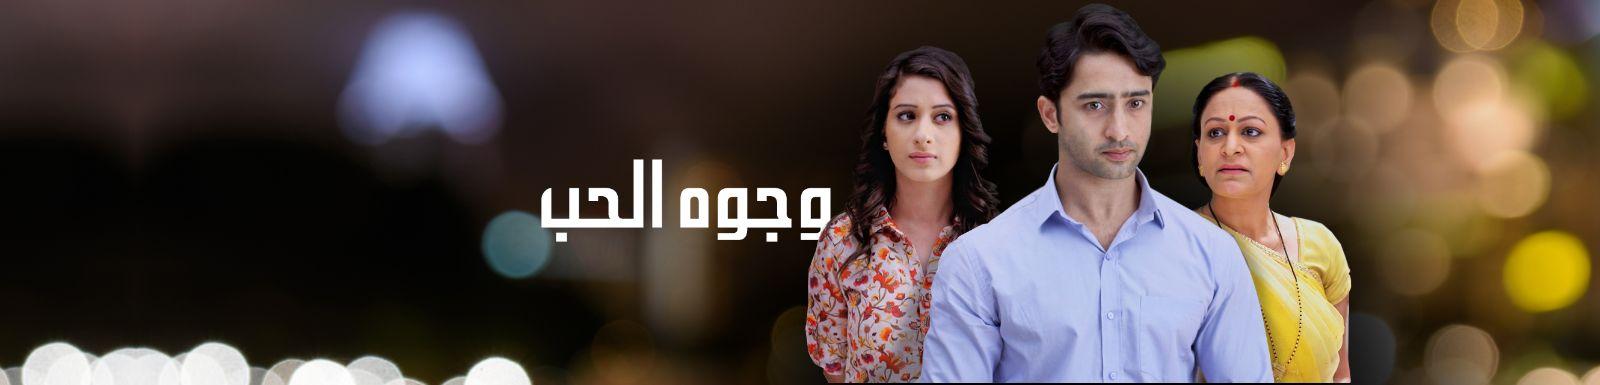 تحميل مسلسل وجوه الحب شاهد نت 2016